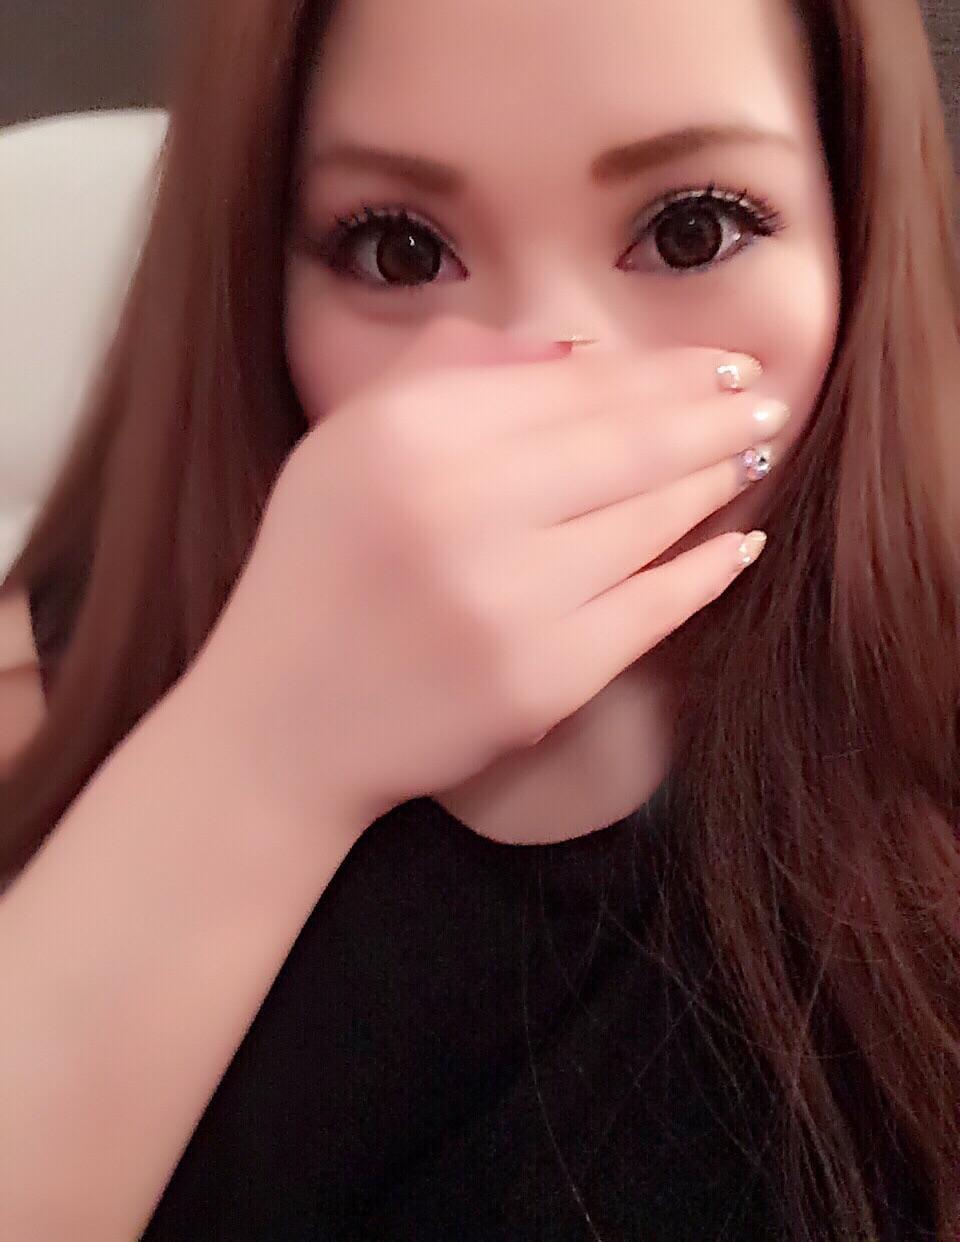 「*最後の♪*」09/01(土) 17:11 | ことねの写メ・風俗動画